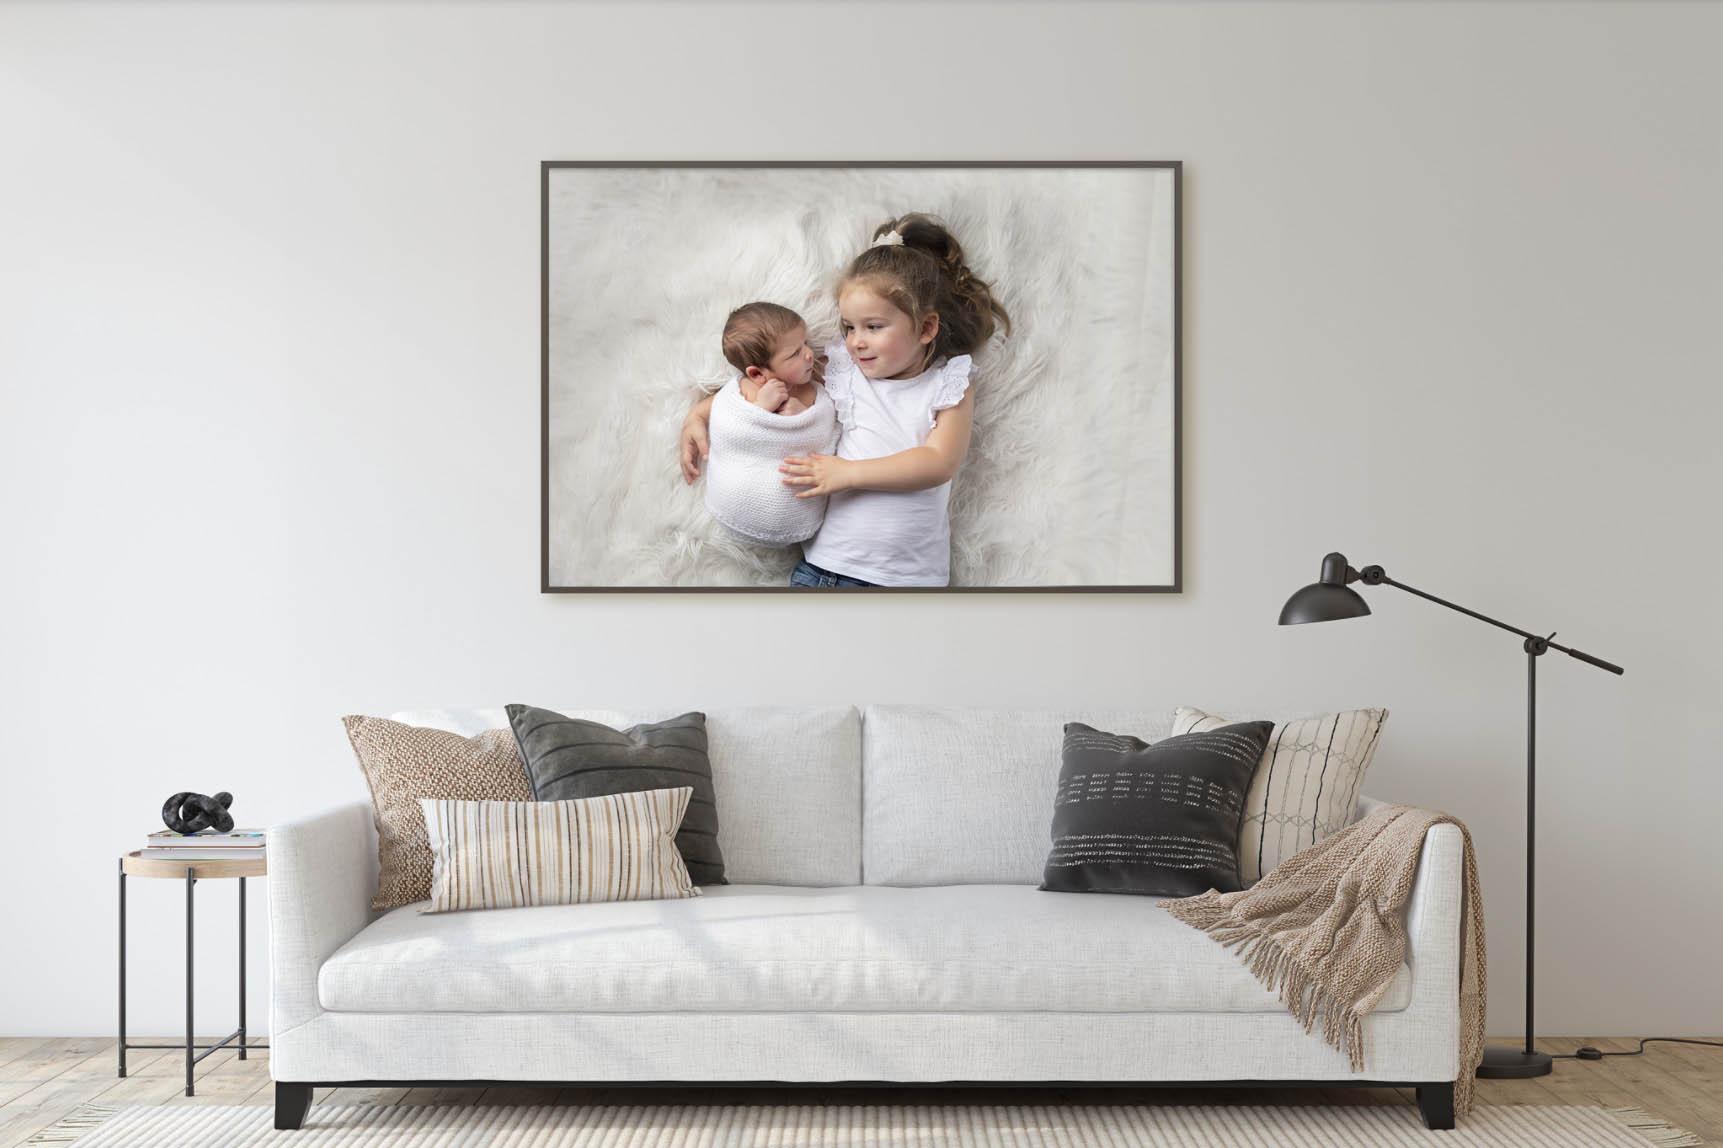 tray framed acrylic wall art on the wall